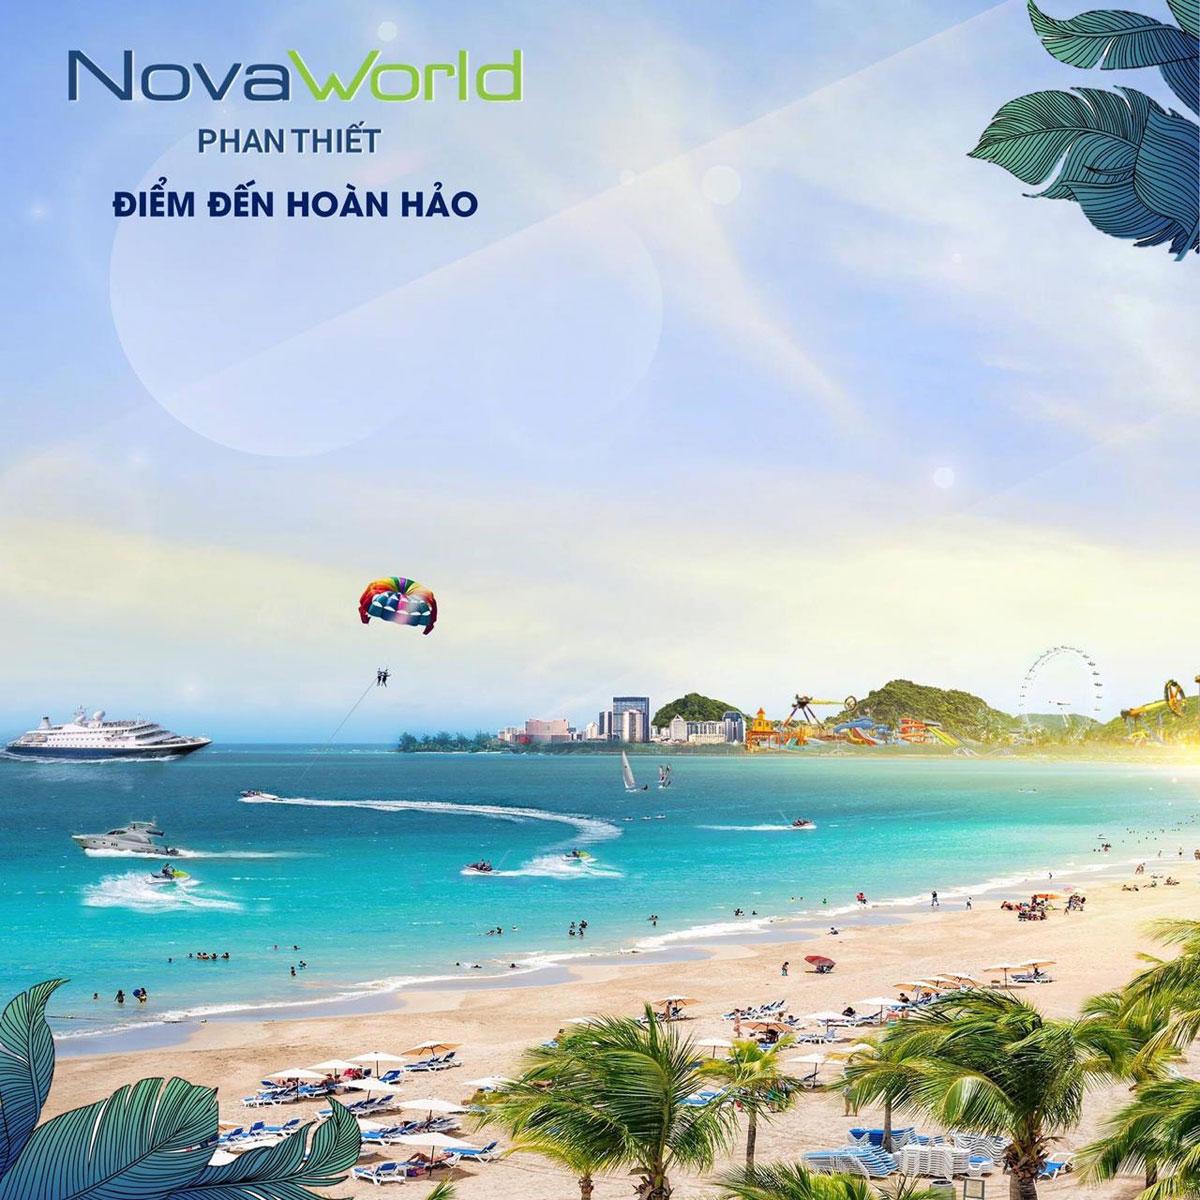 Bãi biển đẹp tại Novaword Phan Thiết